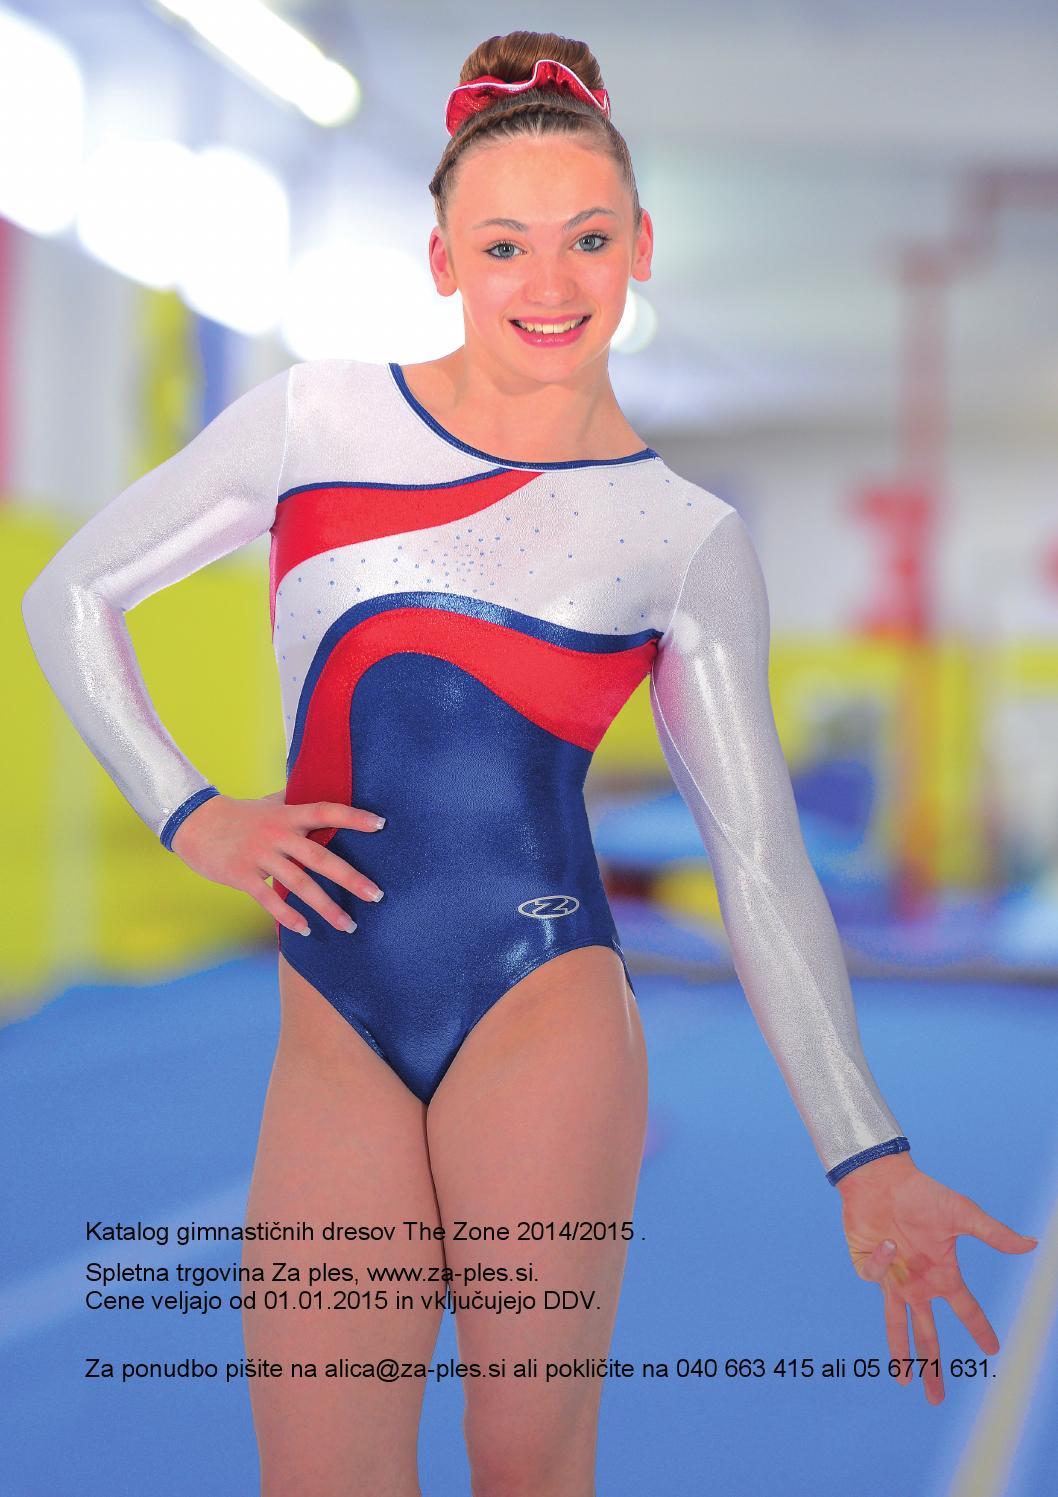 a4436e3f81cd Katalog gimnastika The zone 2014 2015 - dekleta by za-ples - issuu